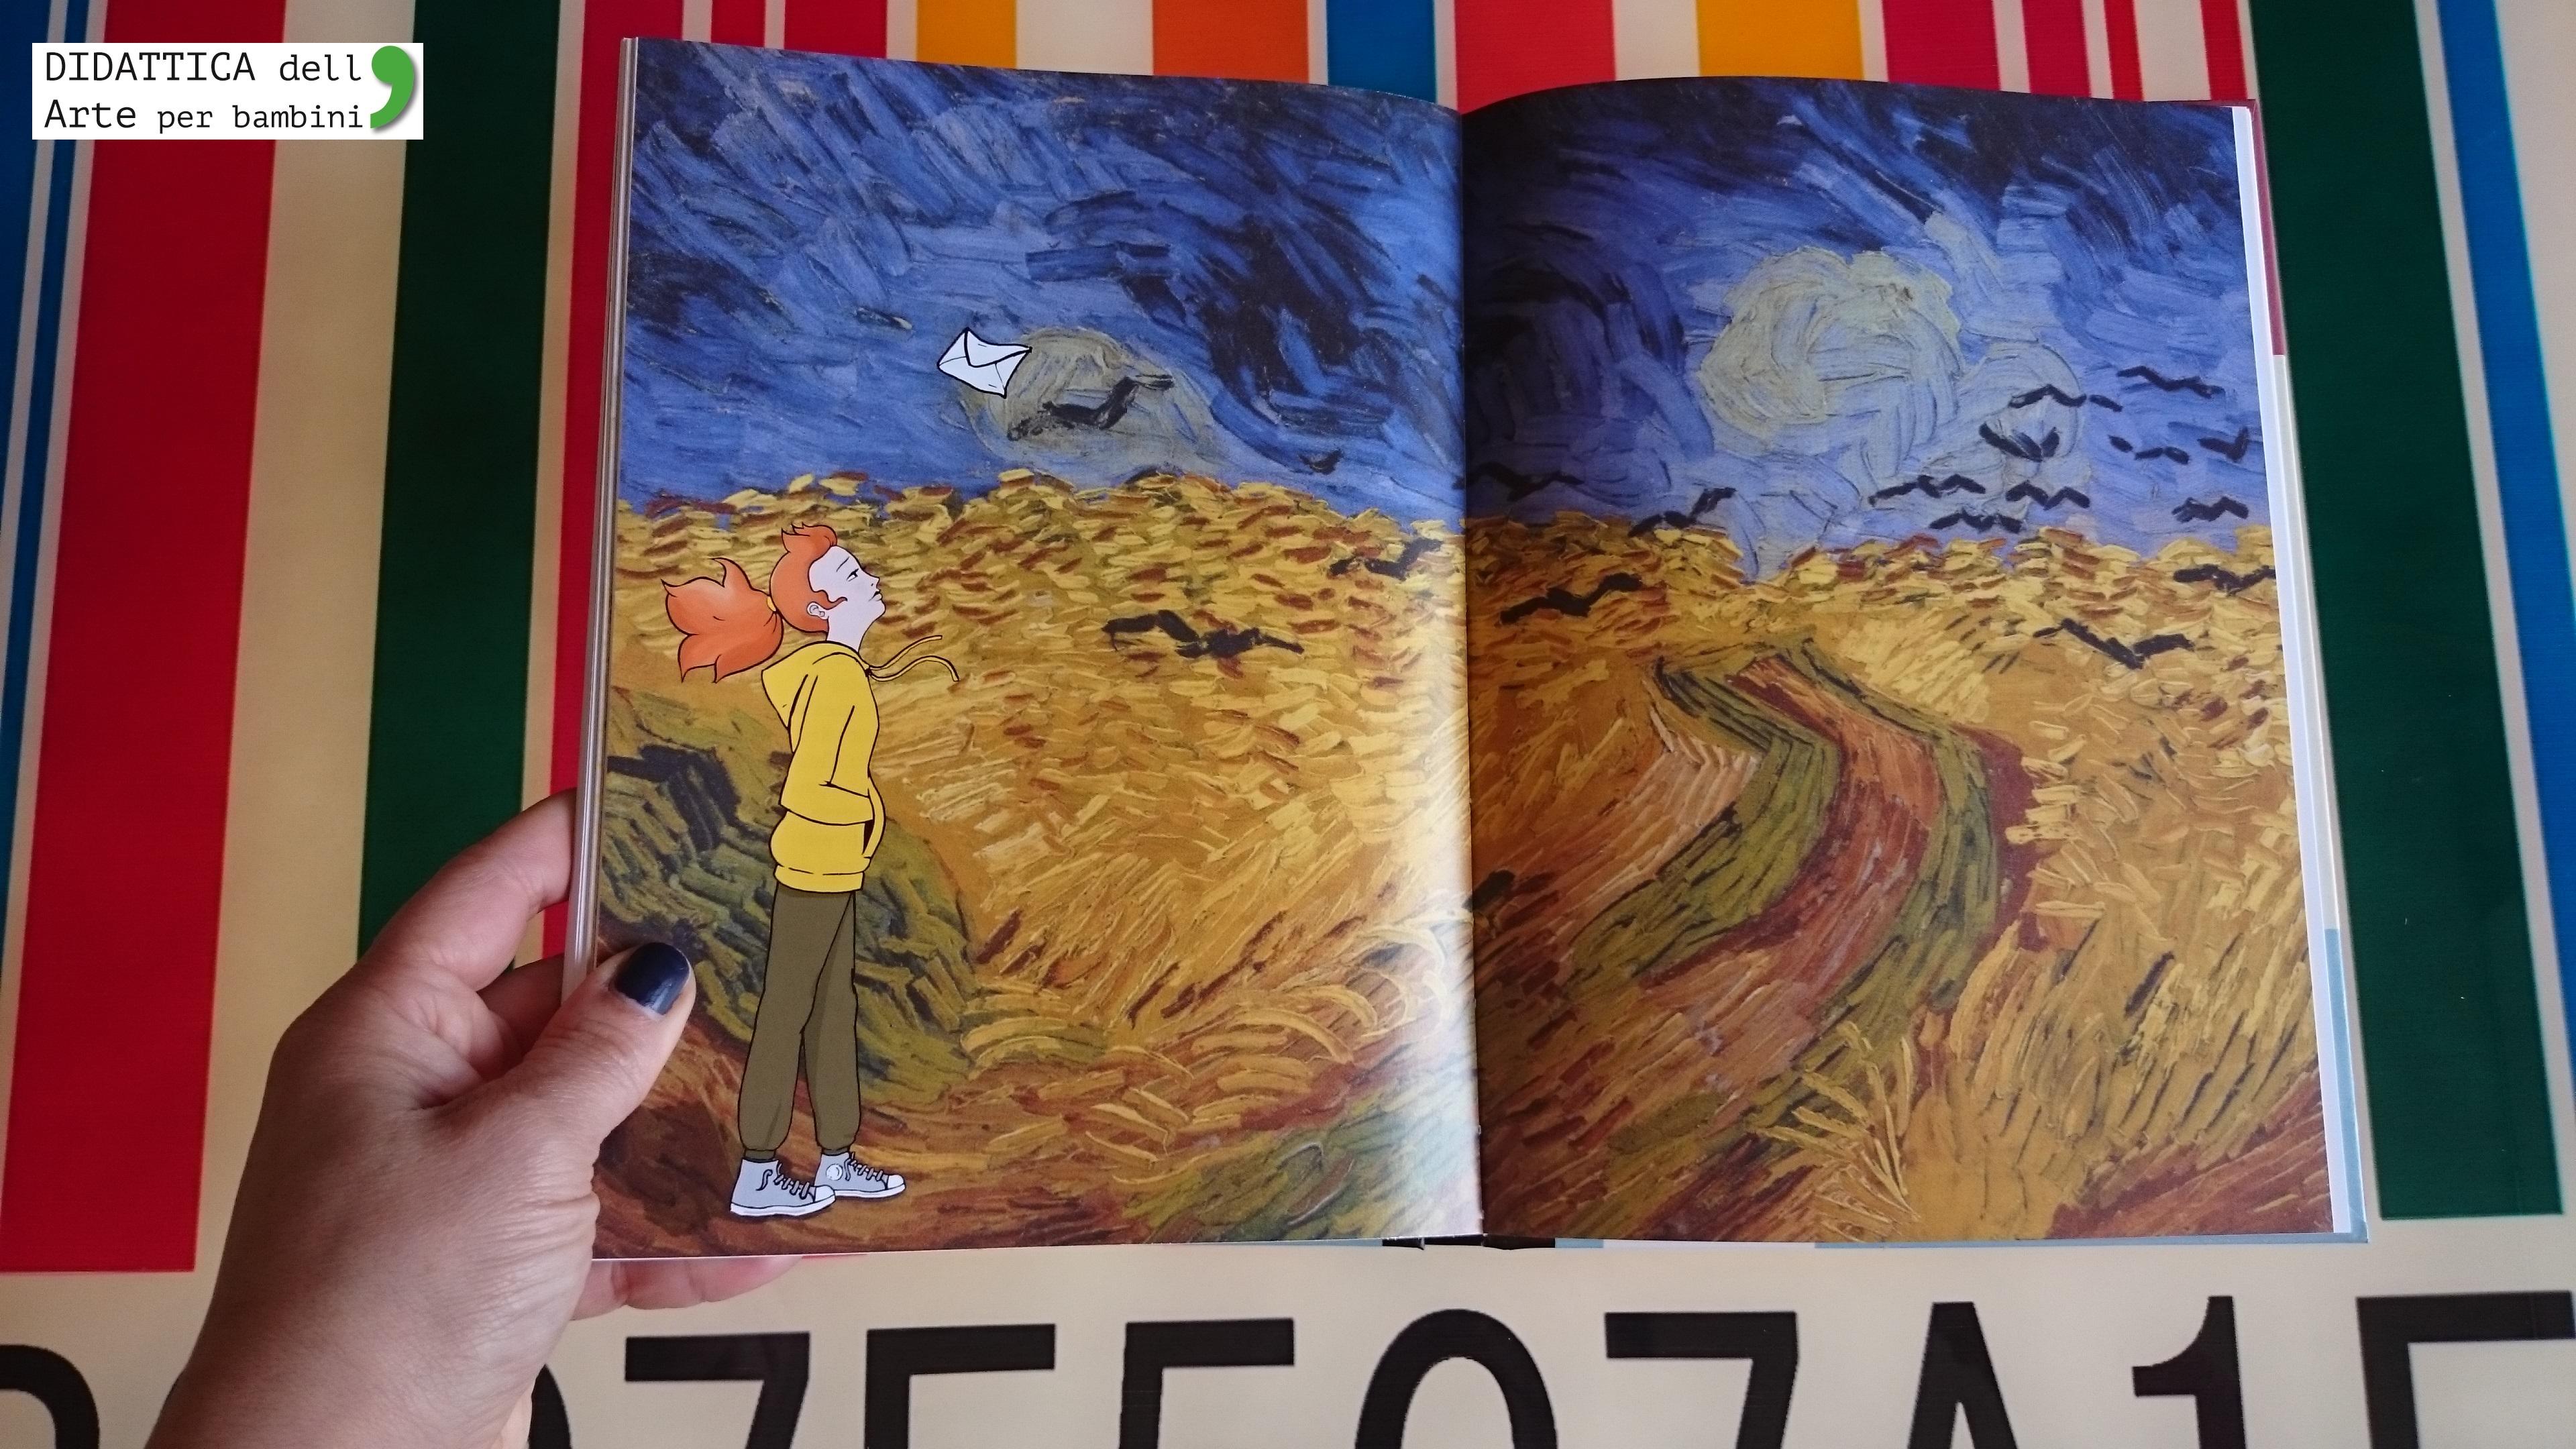 Il tesoro di van gogh didattica dell 39 arte per bambini for Ciao bambini van gogh